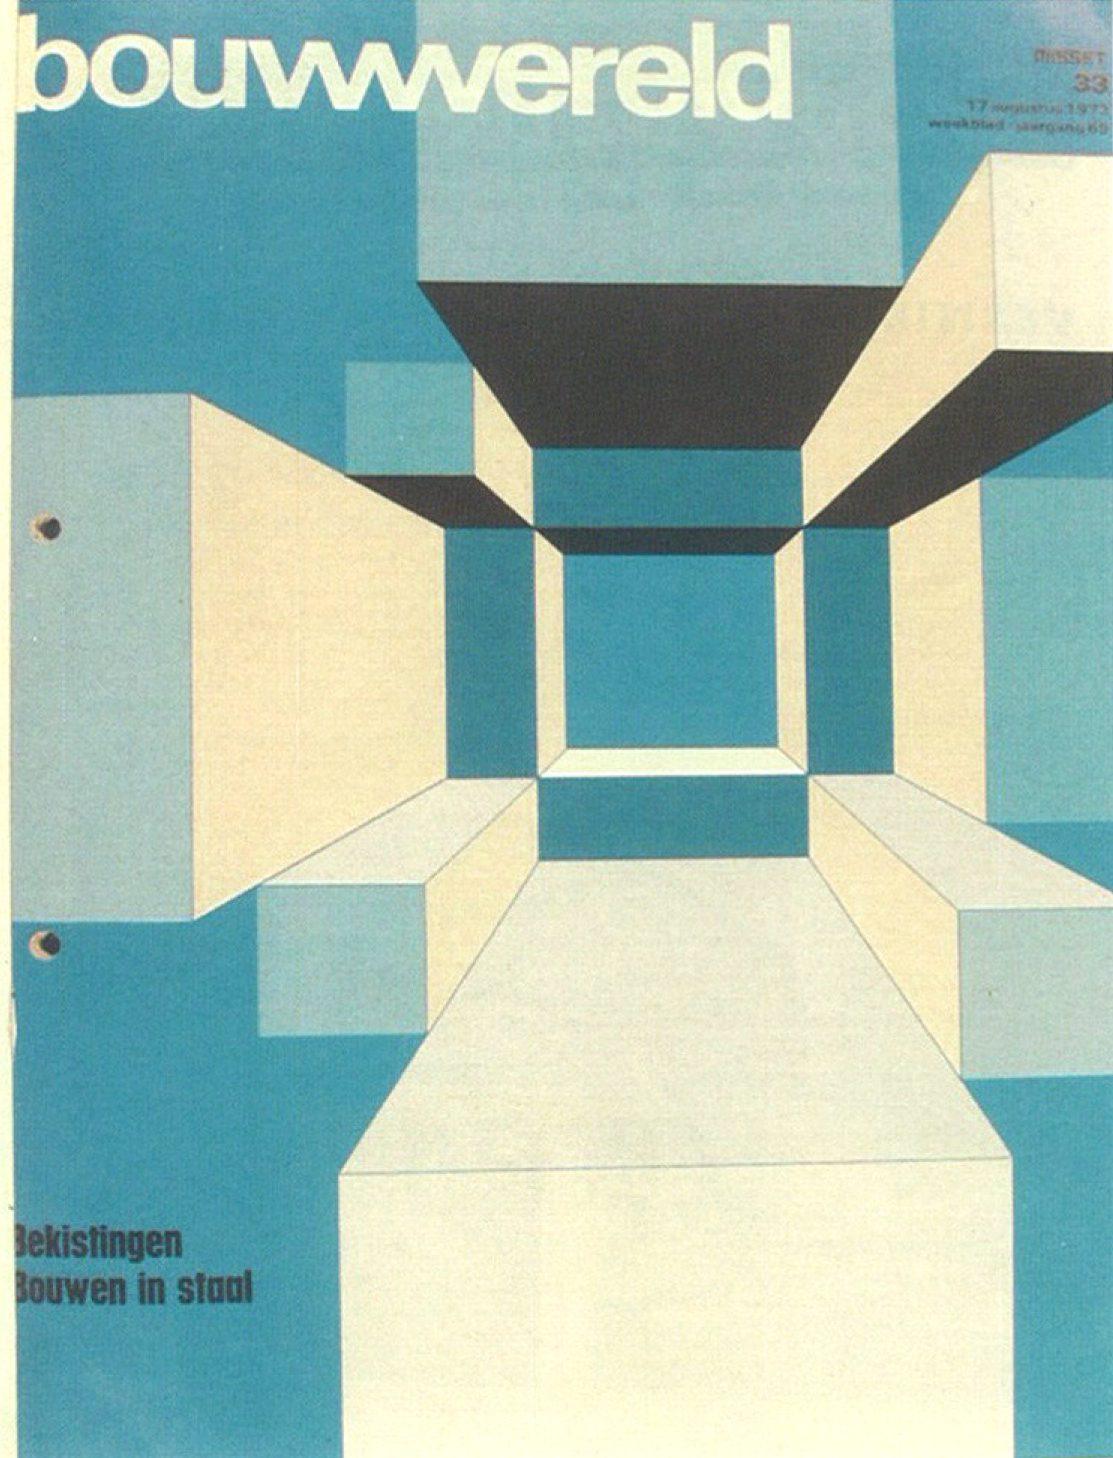 Bouwwereld verschijnt in 1956 als een echt tijdschrift, met voor het eerst haar huidige naam.